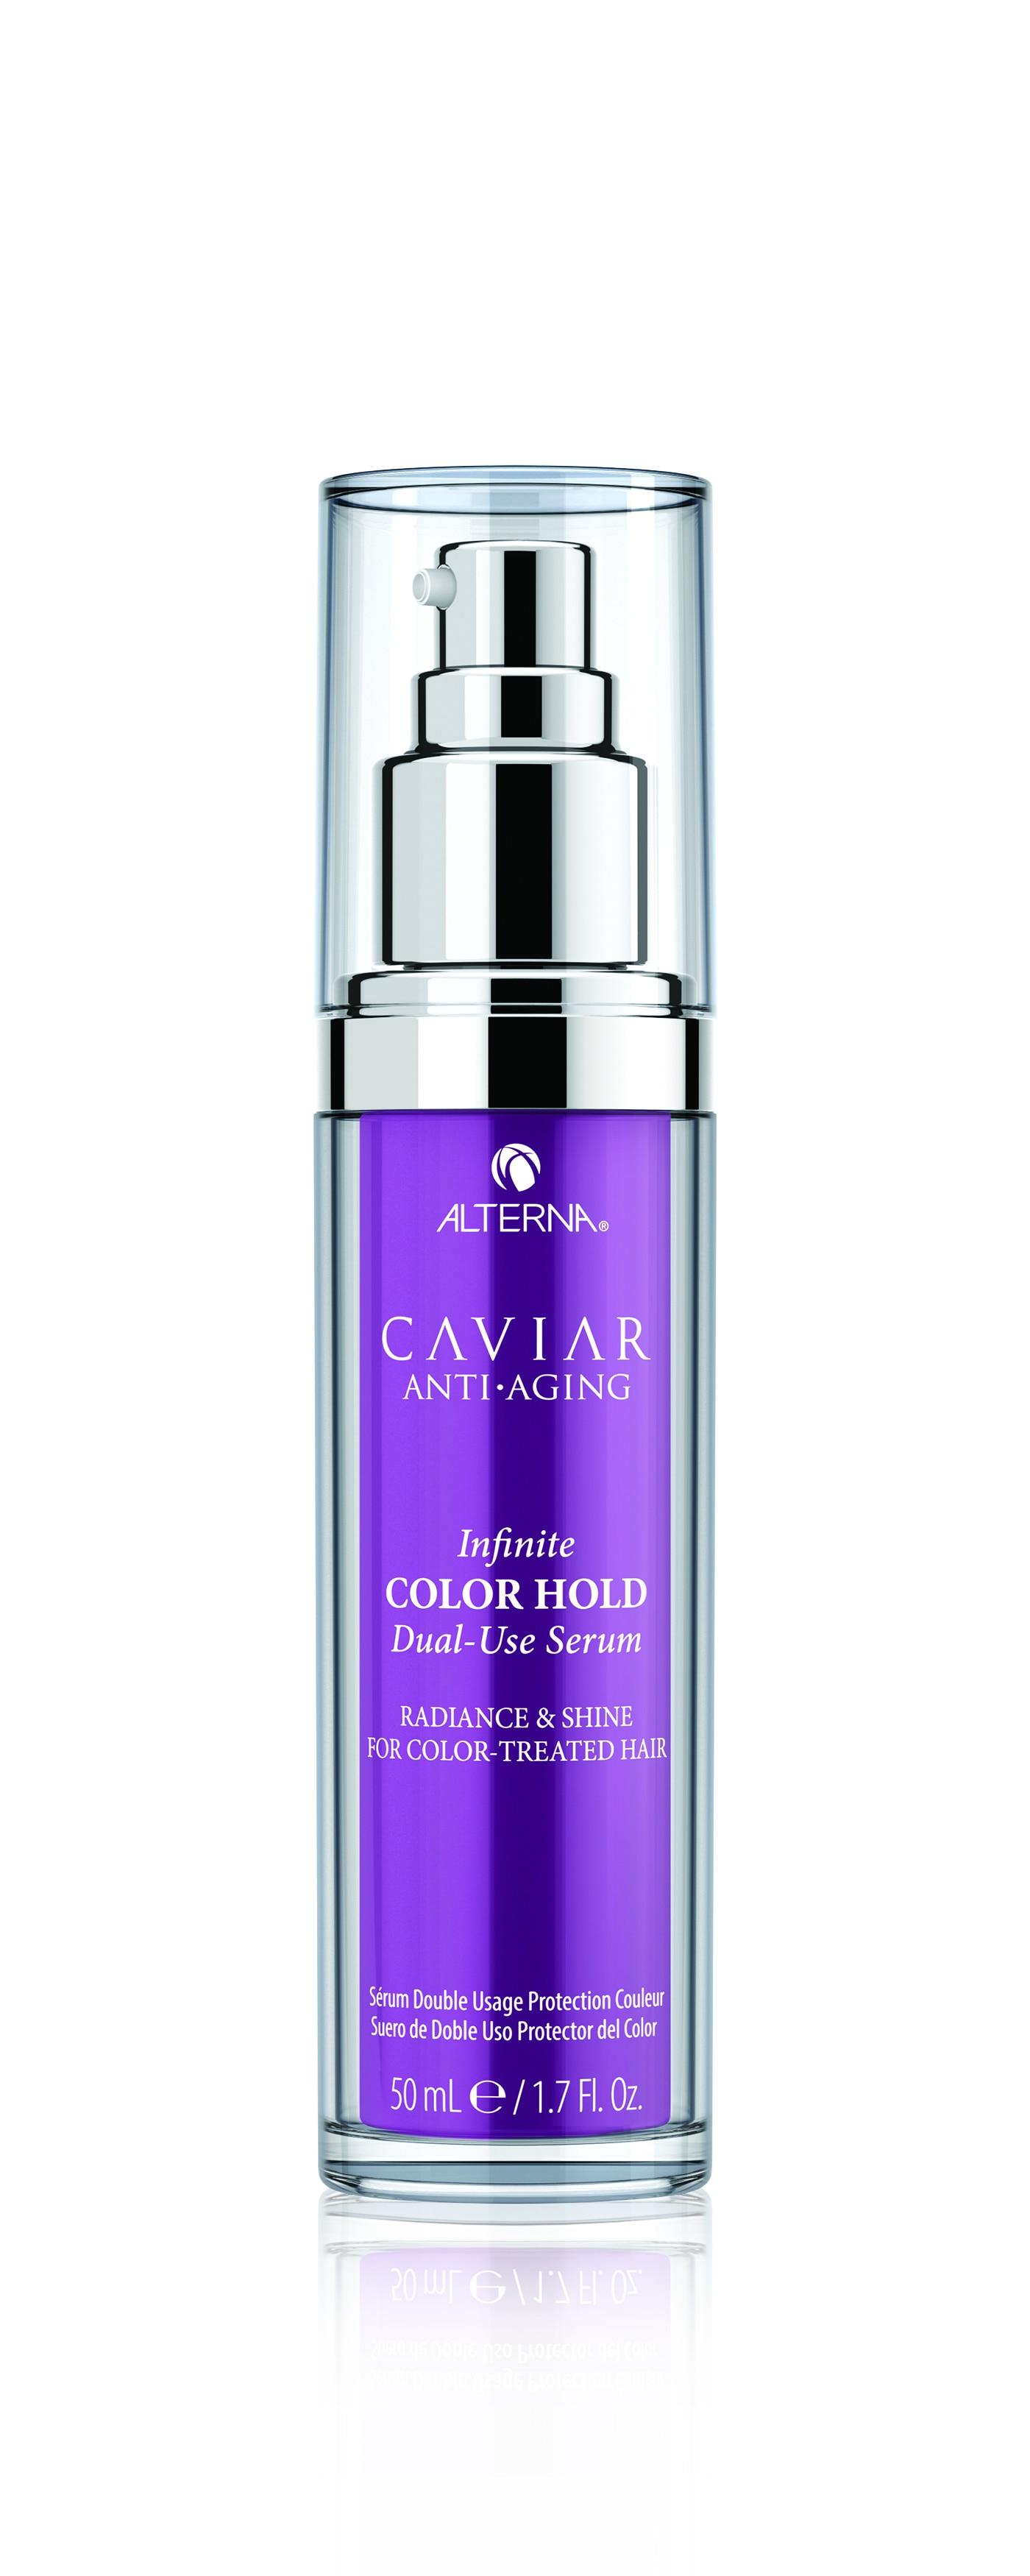 CAVIAR ANTI- AGING INFINITE COLOR HOLD DUAL-USE SERUM (SUERO)